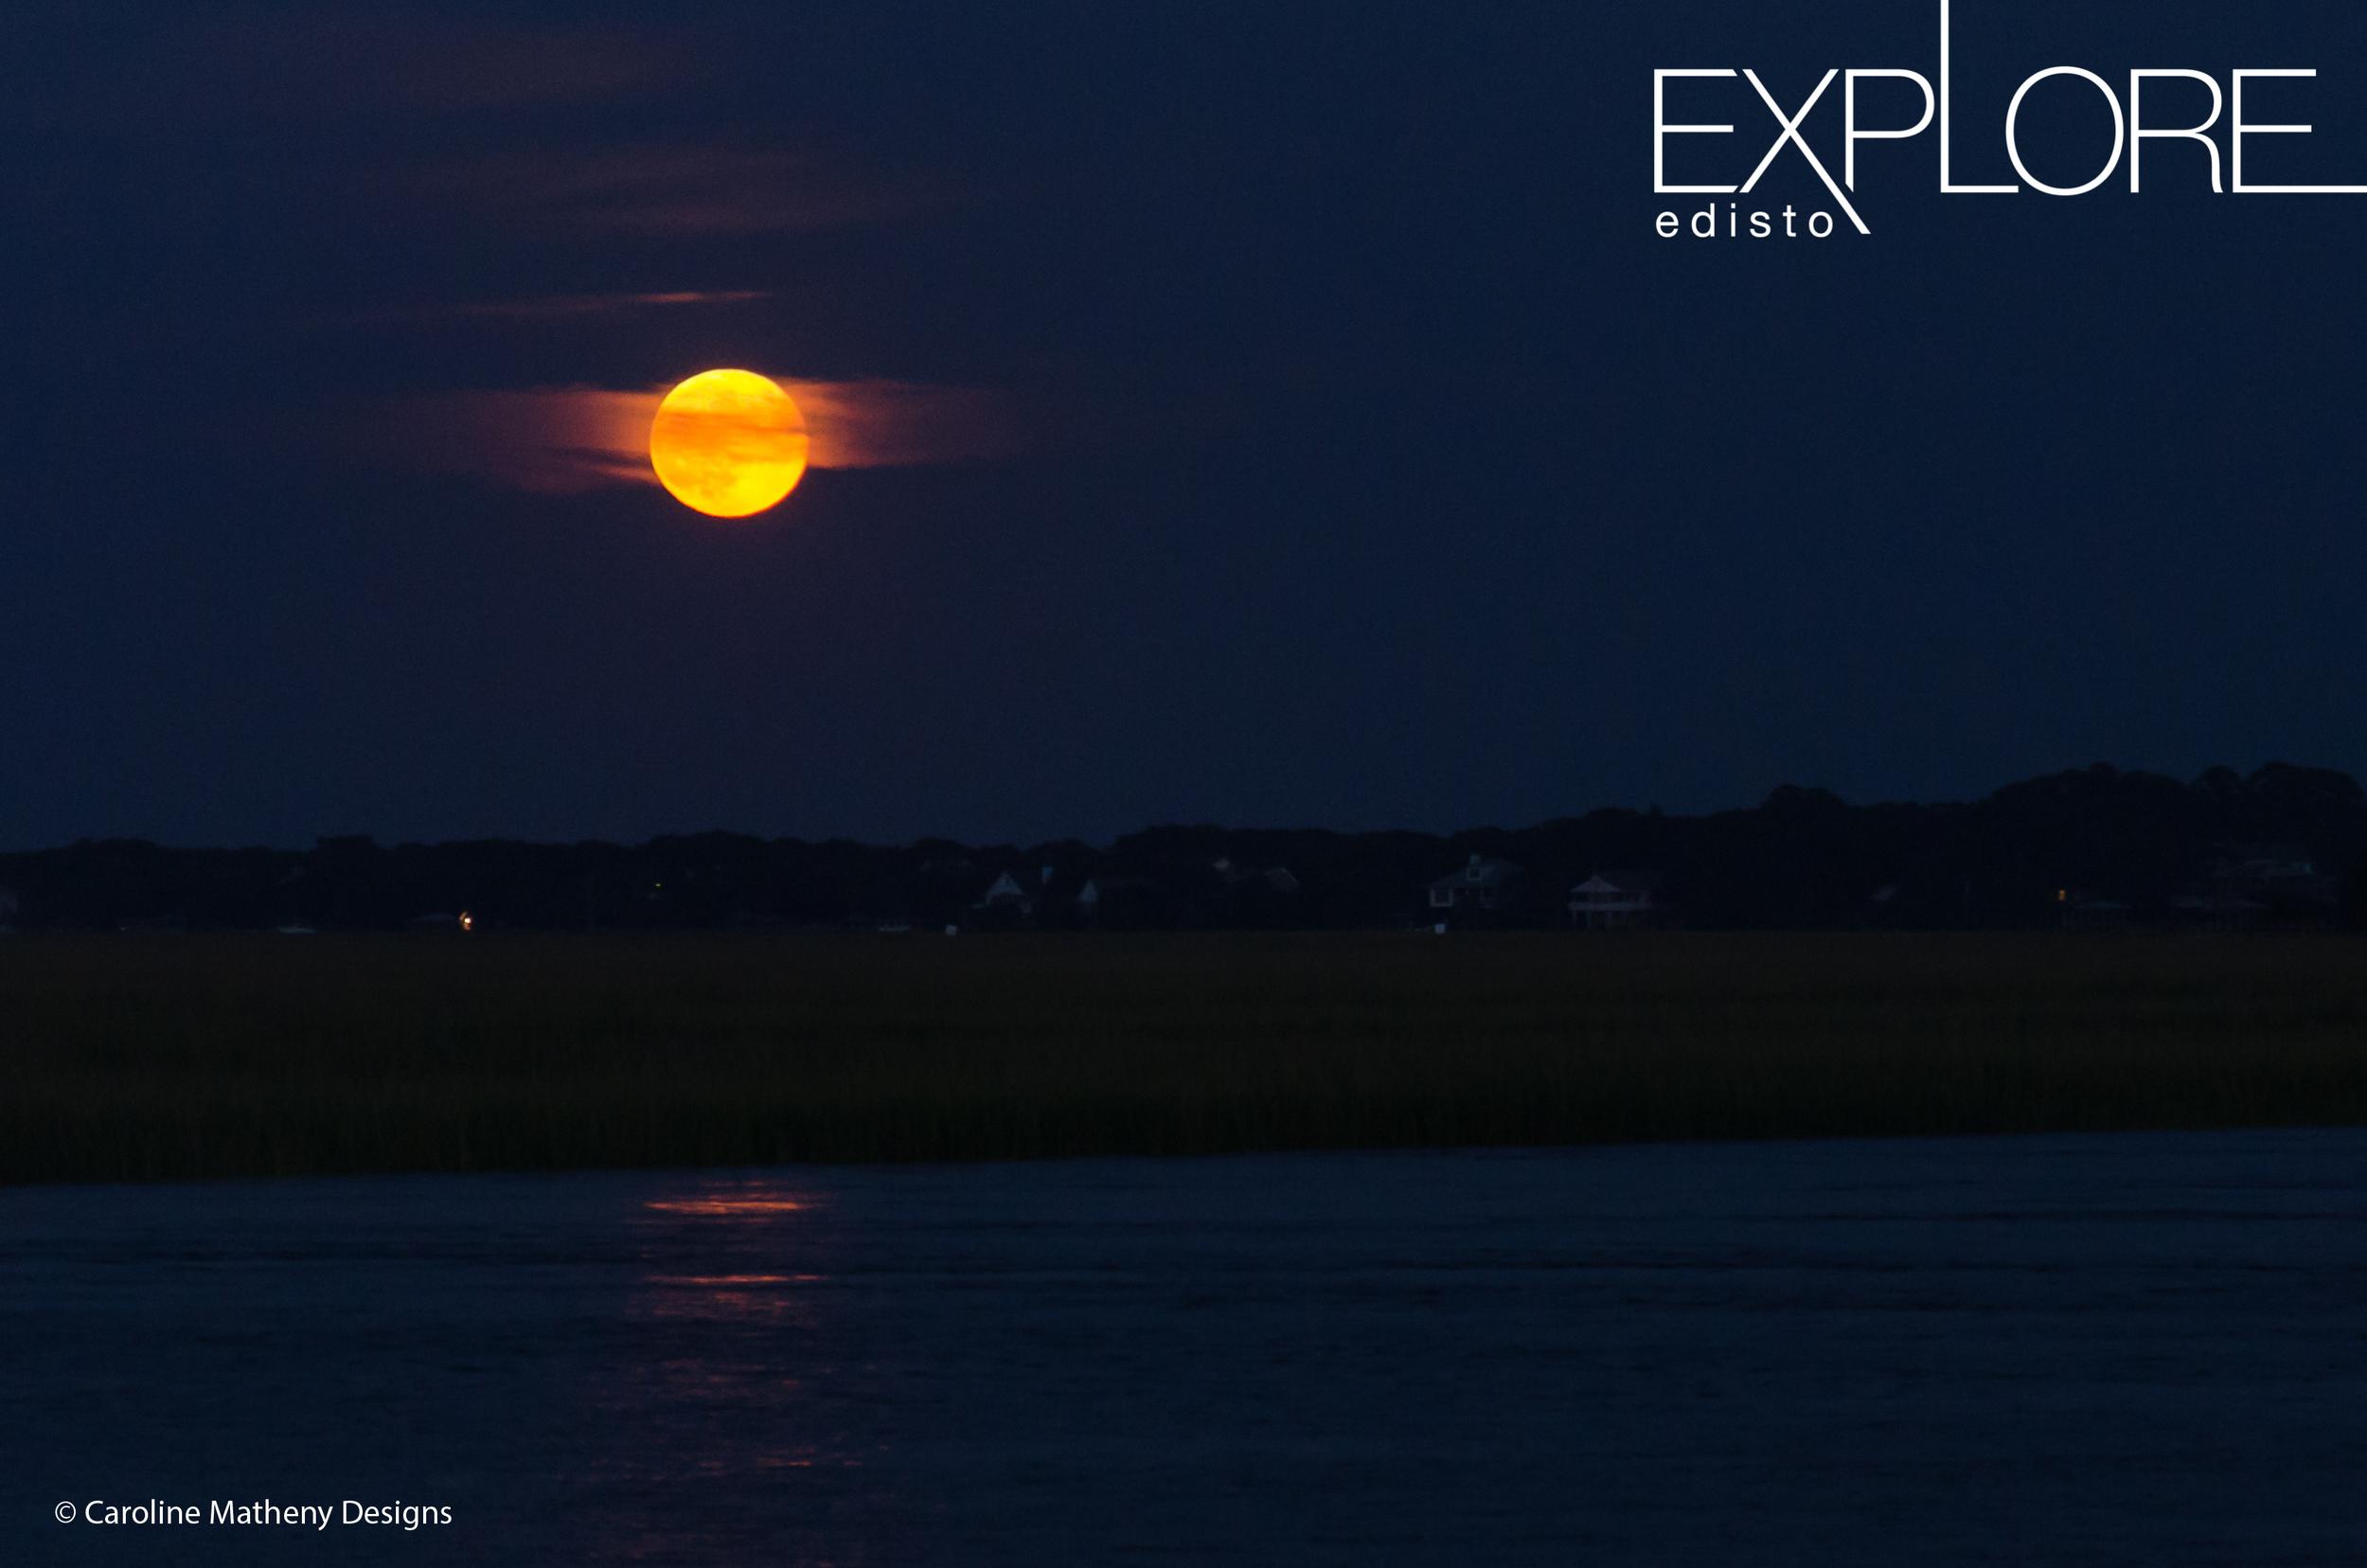 Moon over Edisto.